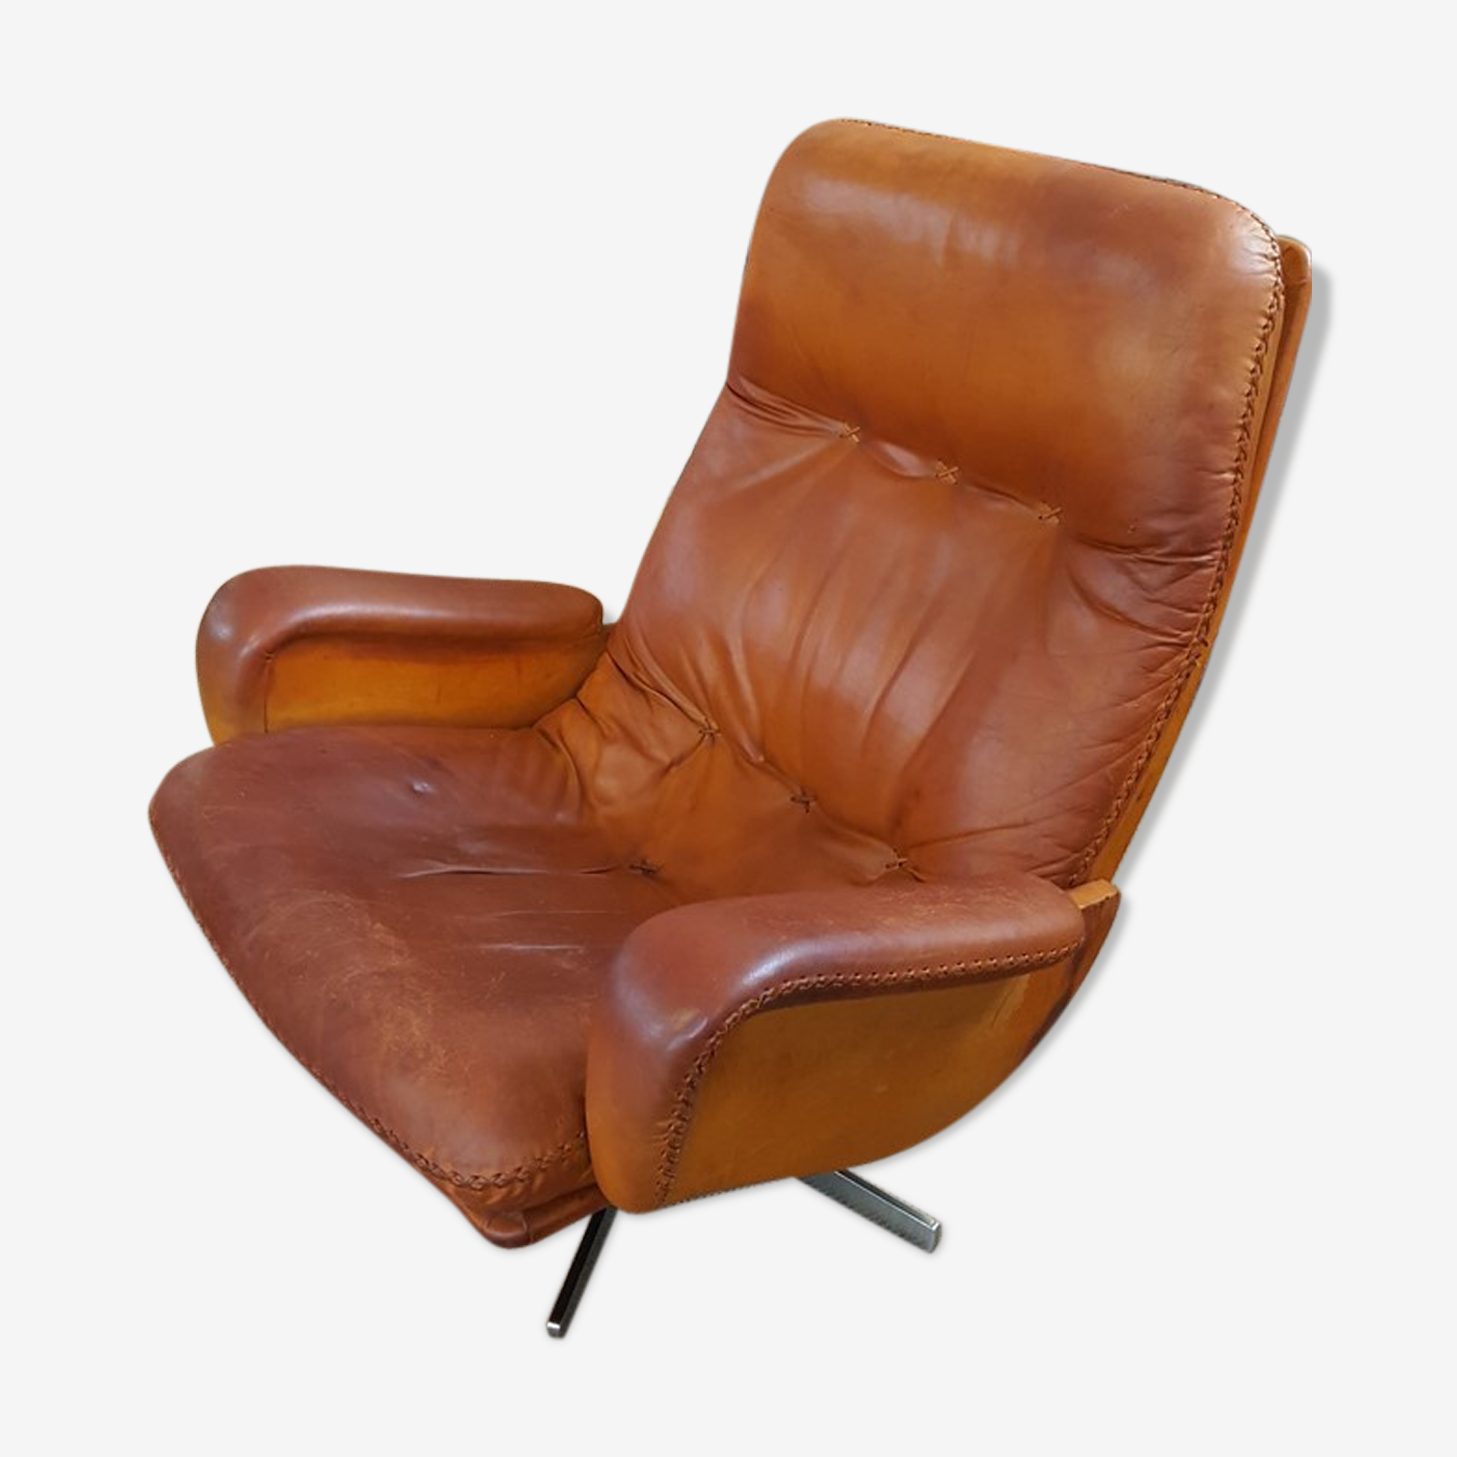 Lounge chair en cuir scandinave édité par Ring mobelfabrikk